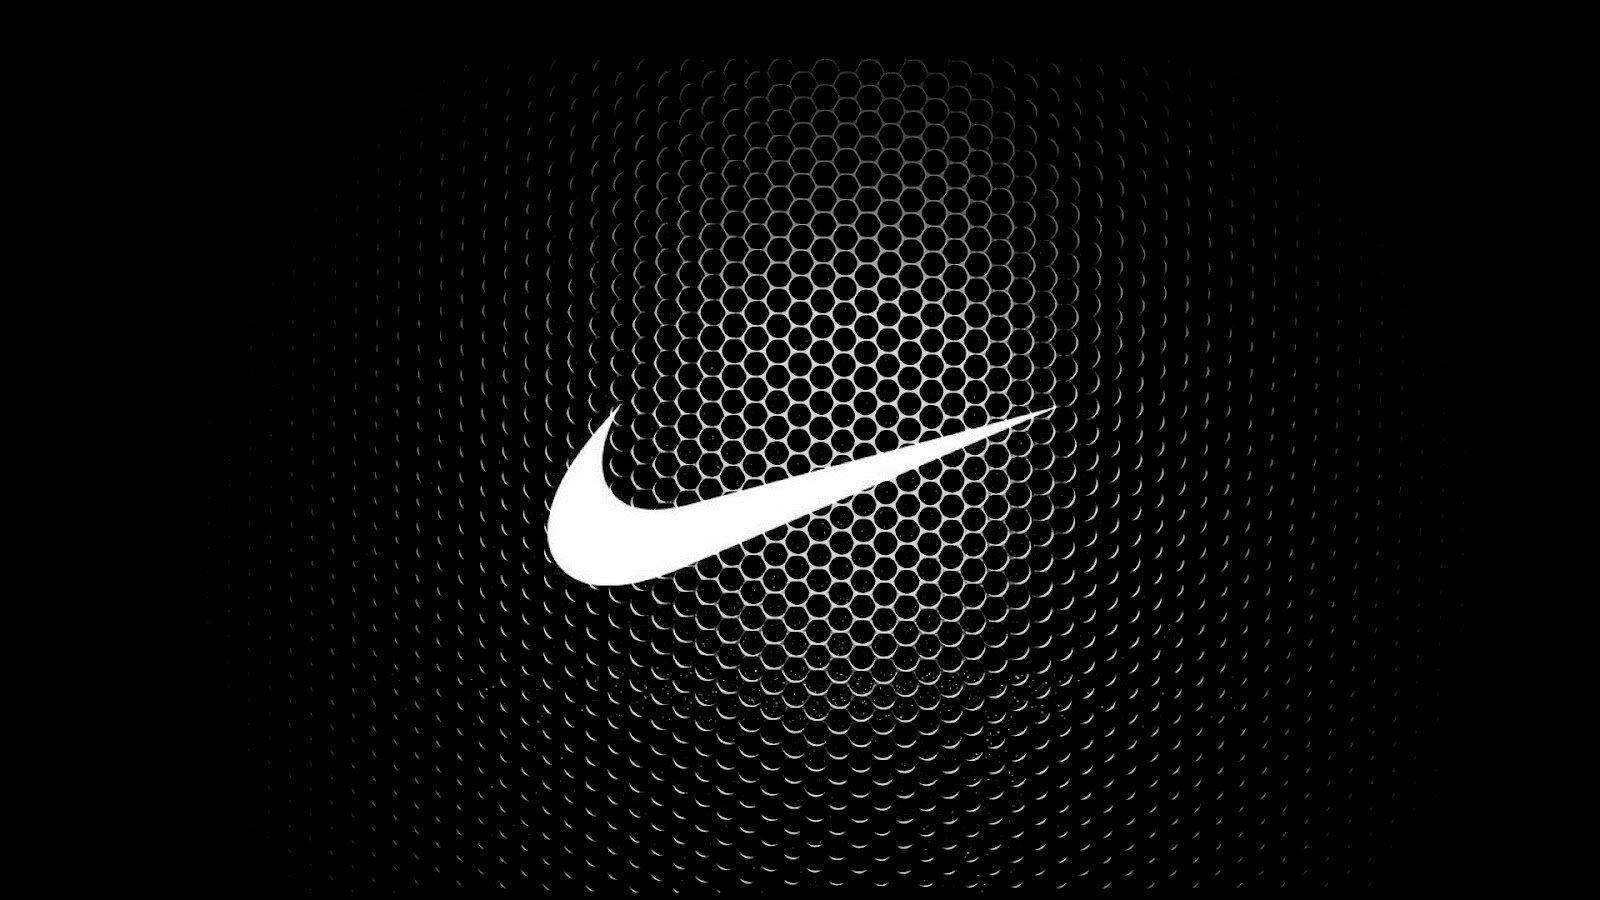 33e5d0f5 Дисконт-центр Nike в ТЦ Континент - отзывы, фото, каталог товаров, цены,  телефон, адрес и как добраться - Одежда и обувь - Новосибирск - Zoon.ru